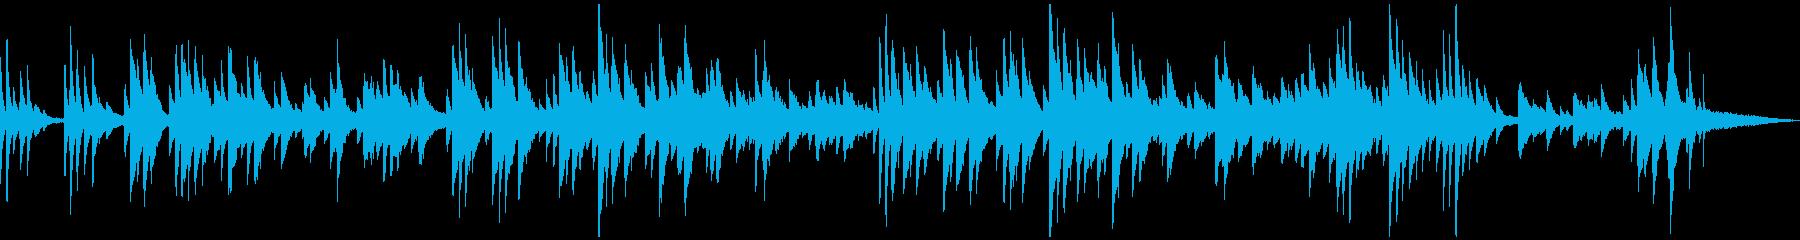 柔らかくロマンチックなピアノ曲の再生済みの波形